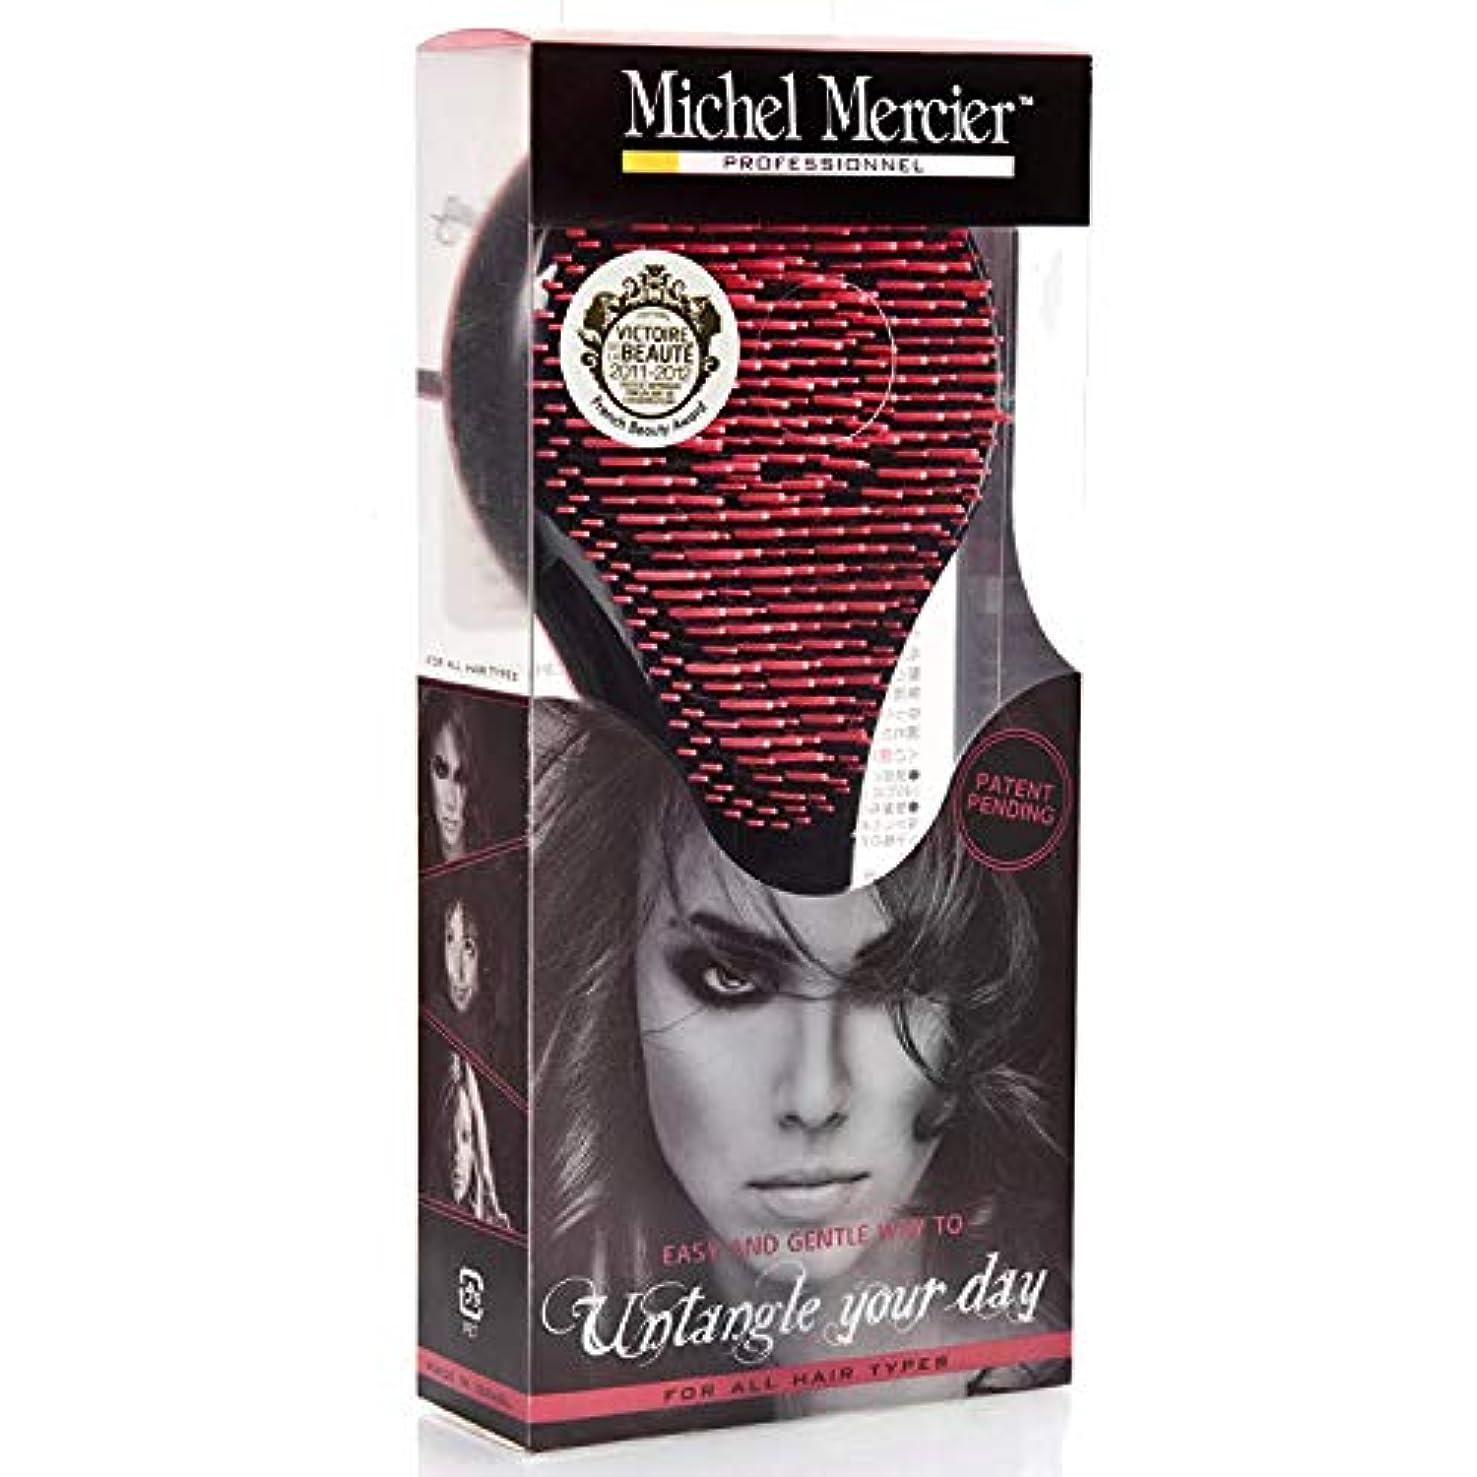 カート鮮やかなふけるミッシェル メルシエ (Michel Mercier) プロフェッショナル ブラシ ピンク